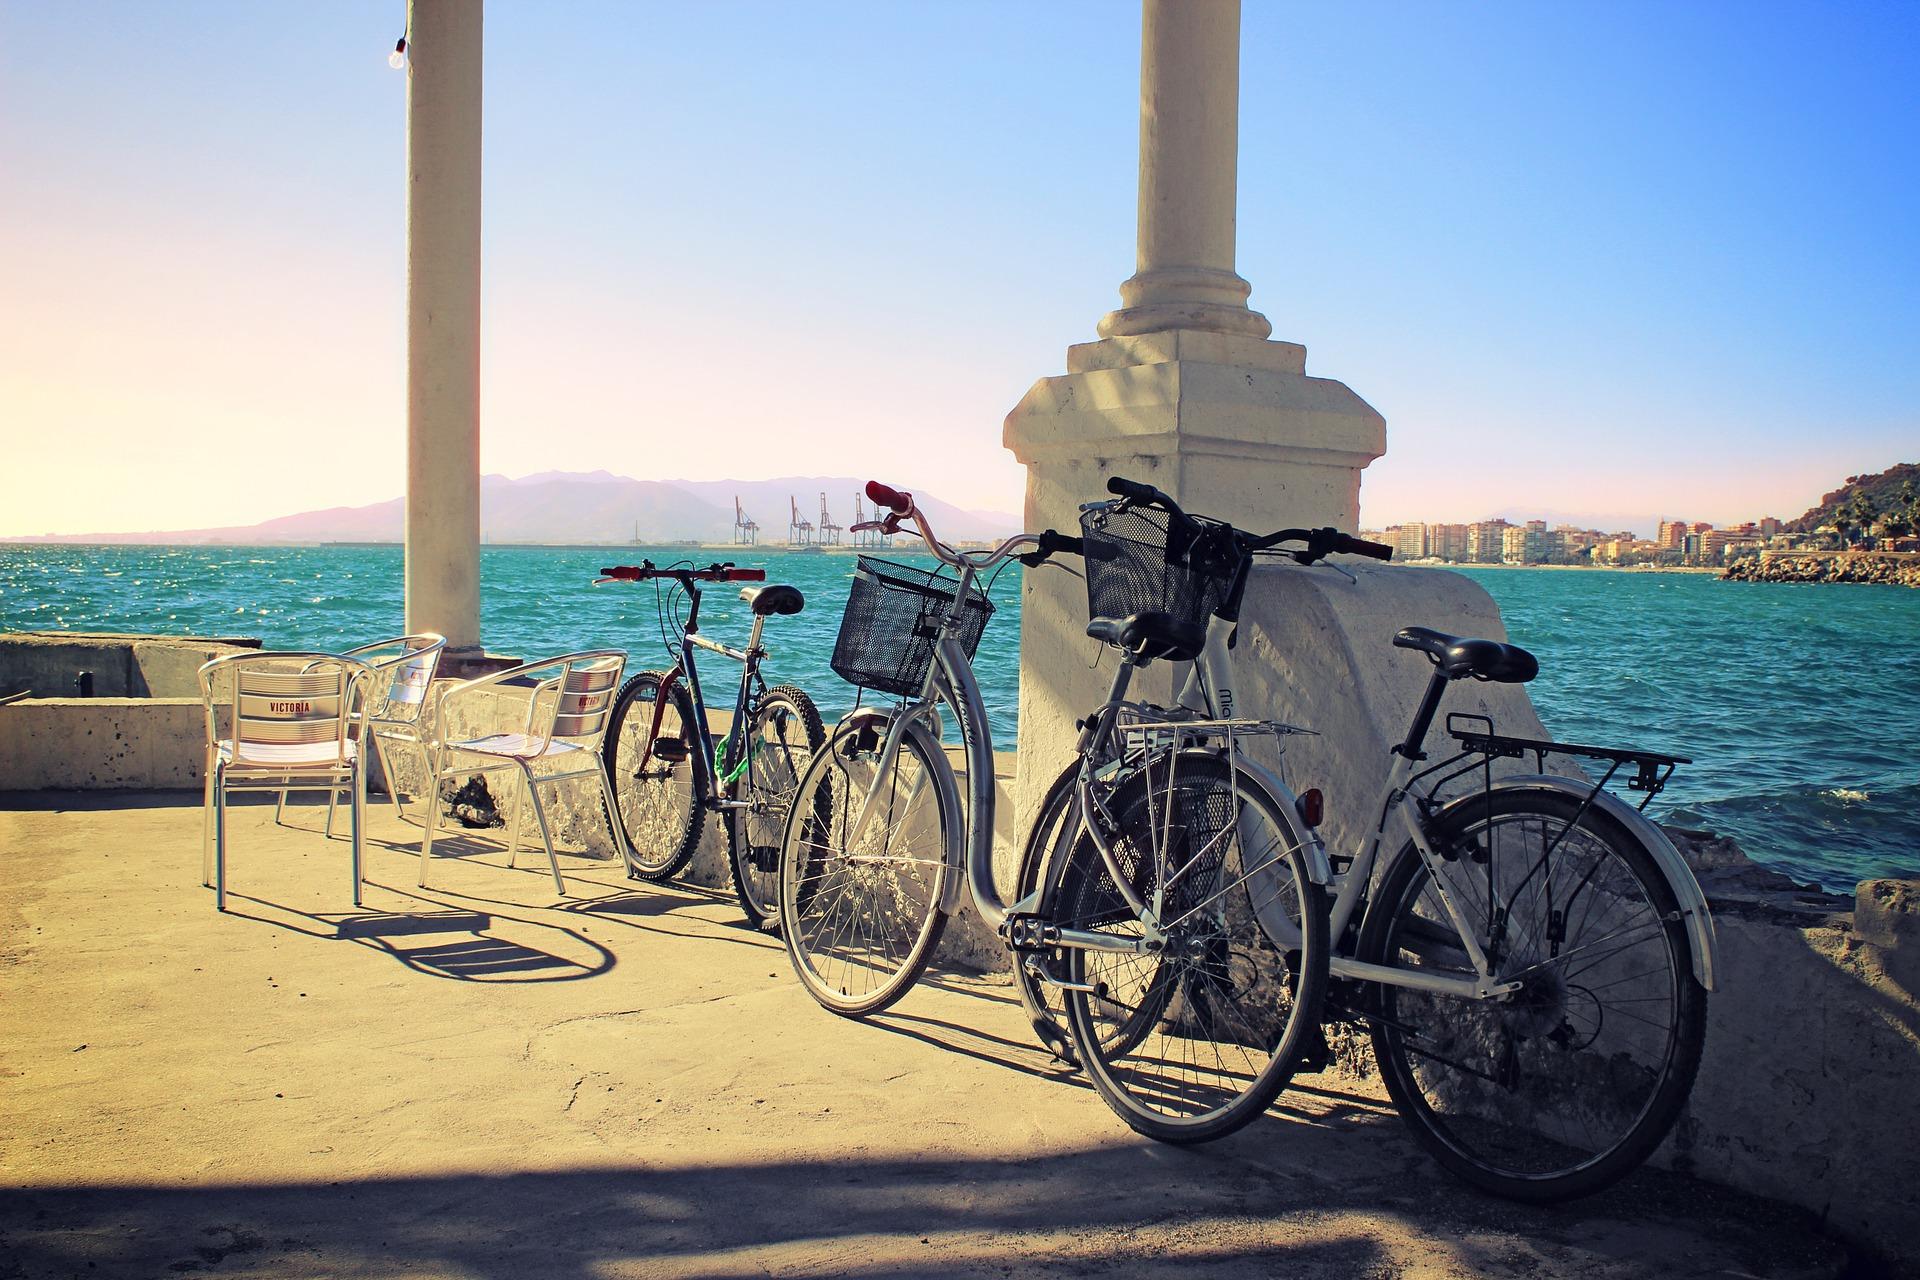 ברצלונה למטייל על אופניים